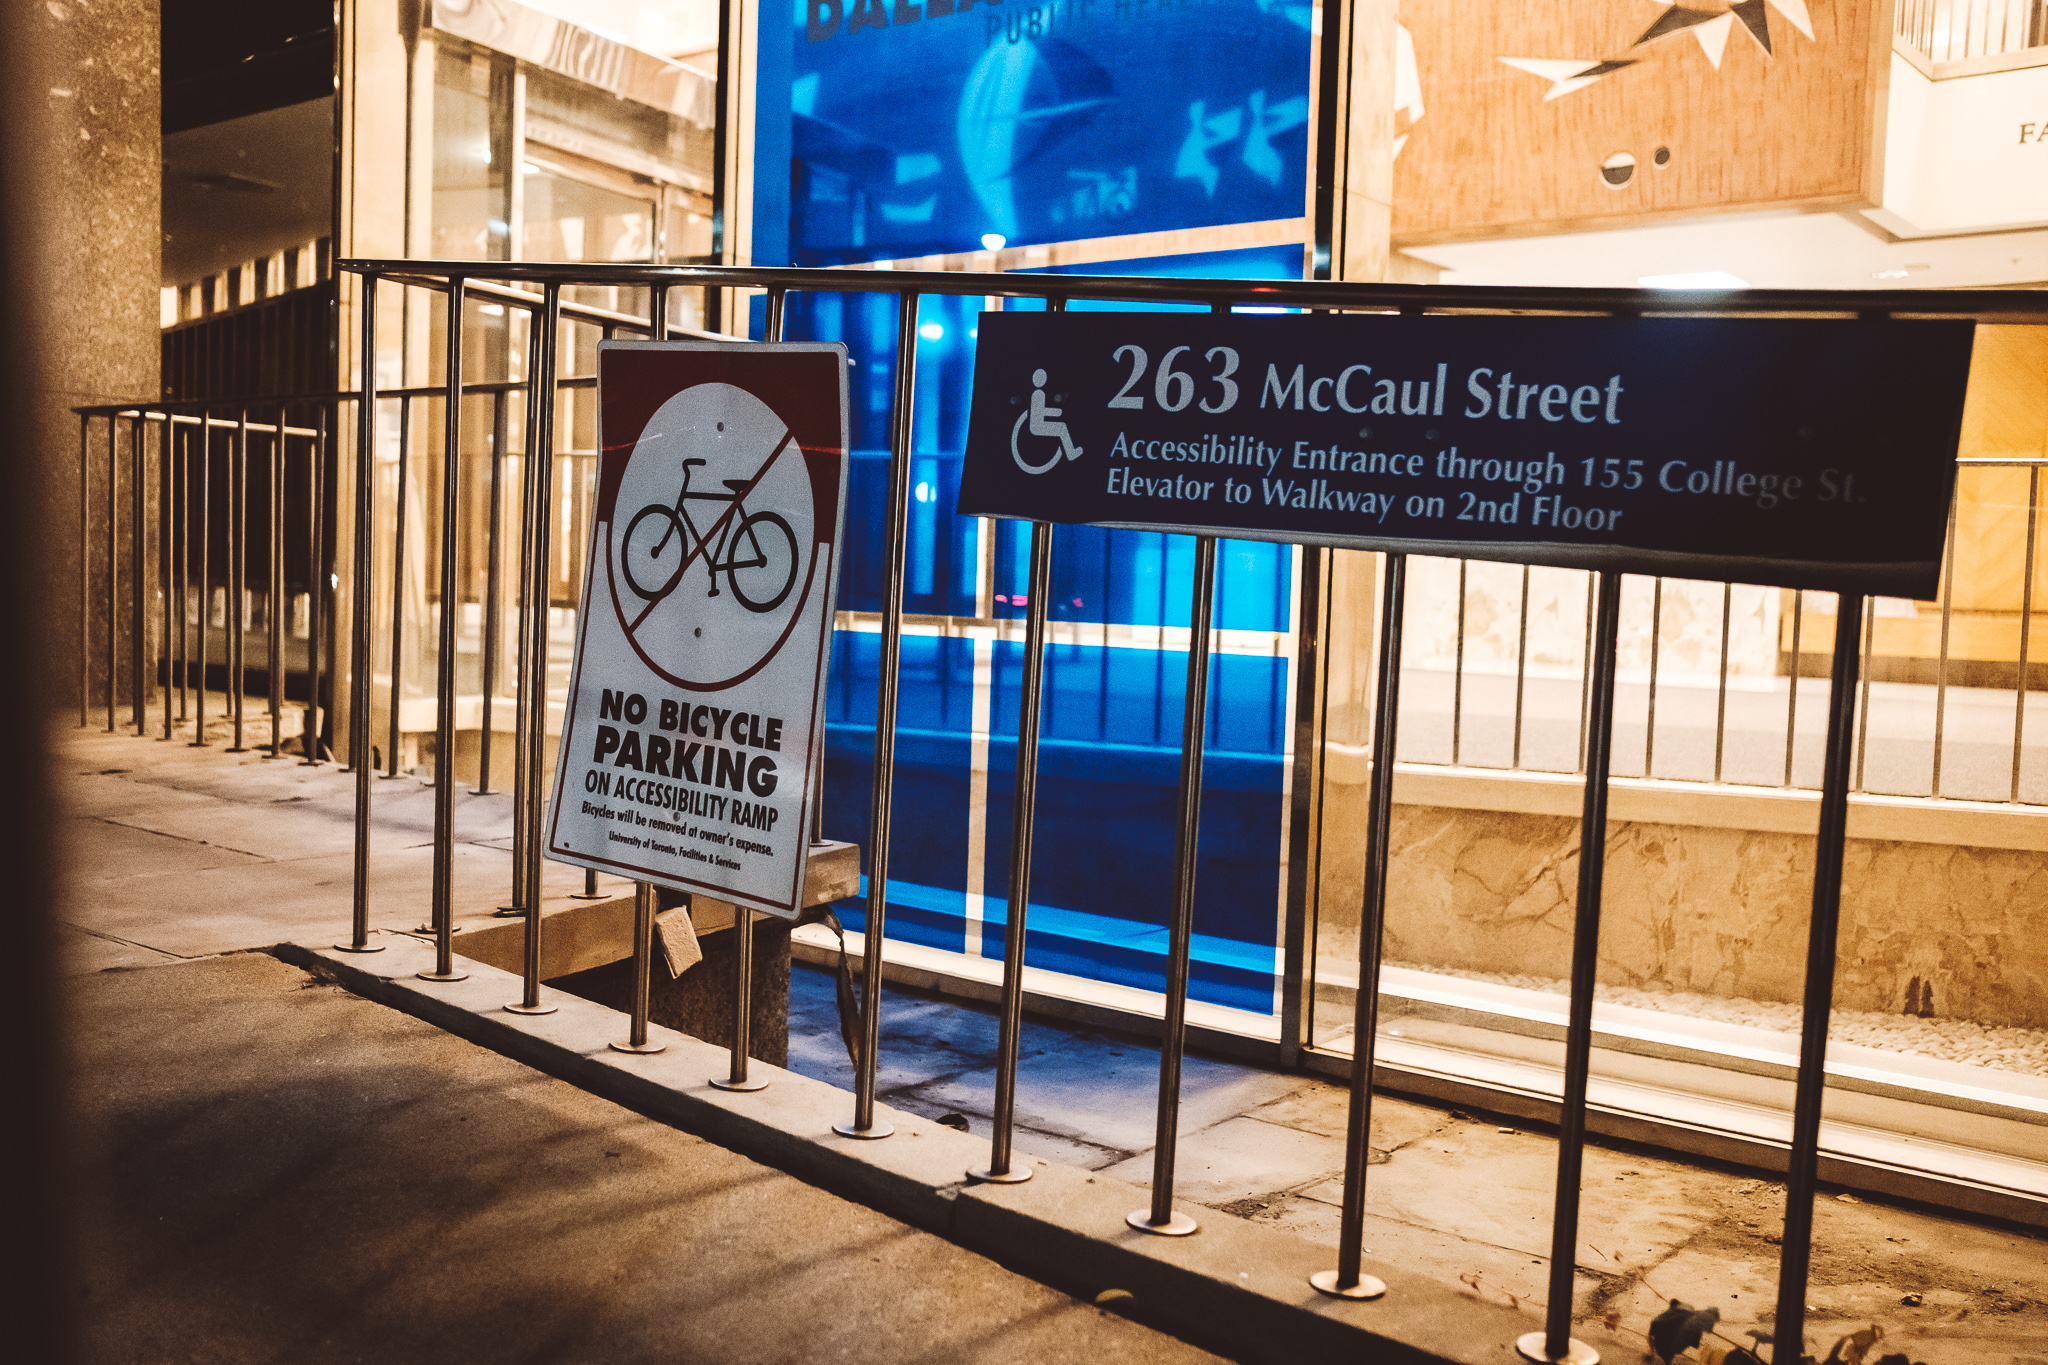 Ein Eingang zur U-Bahnstation ist zu sehen. Am Geländer ist ein Schild mit einem Rollstuhlsymbol mit der Information wo sich der nächste Aufzug befindet.